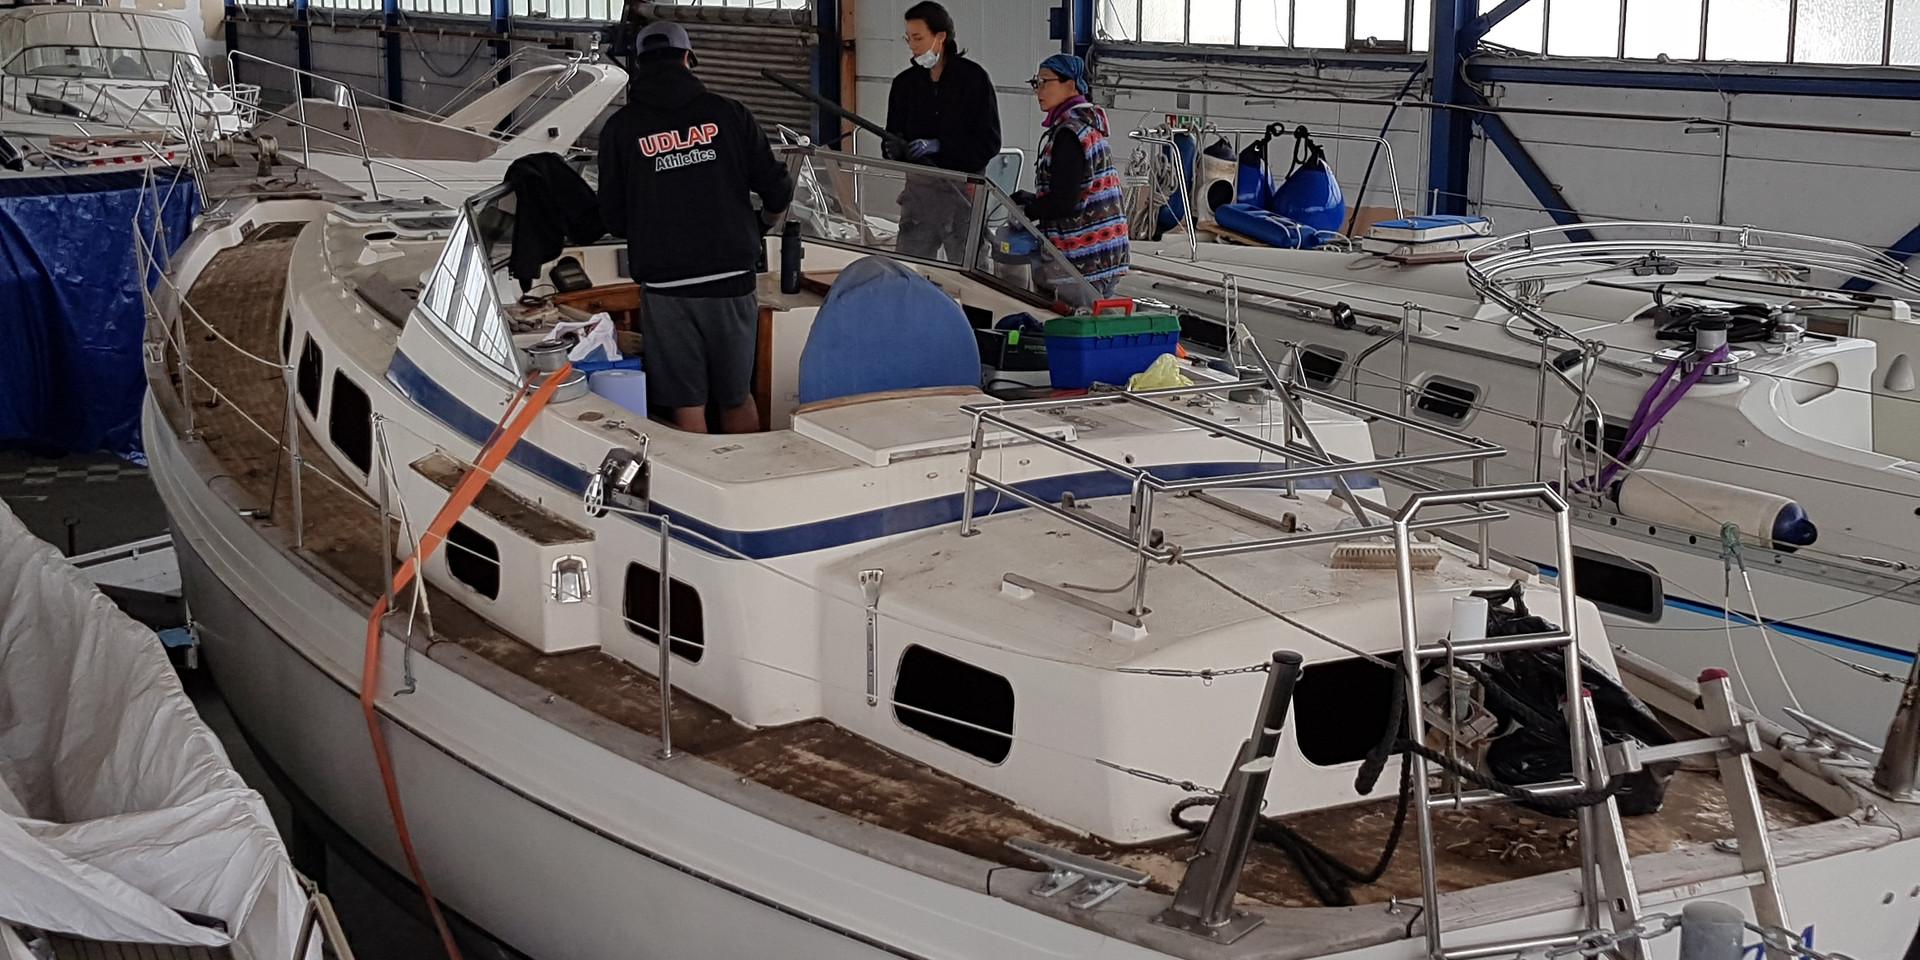 03/20: 1200 Schraublöcher im Deck